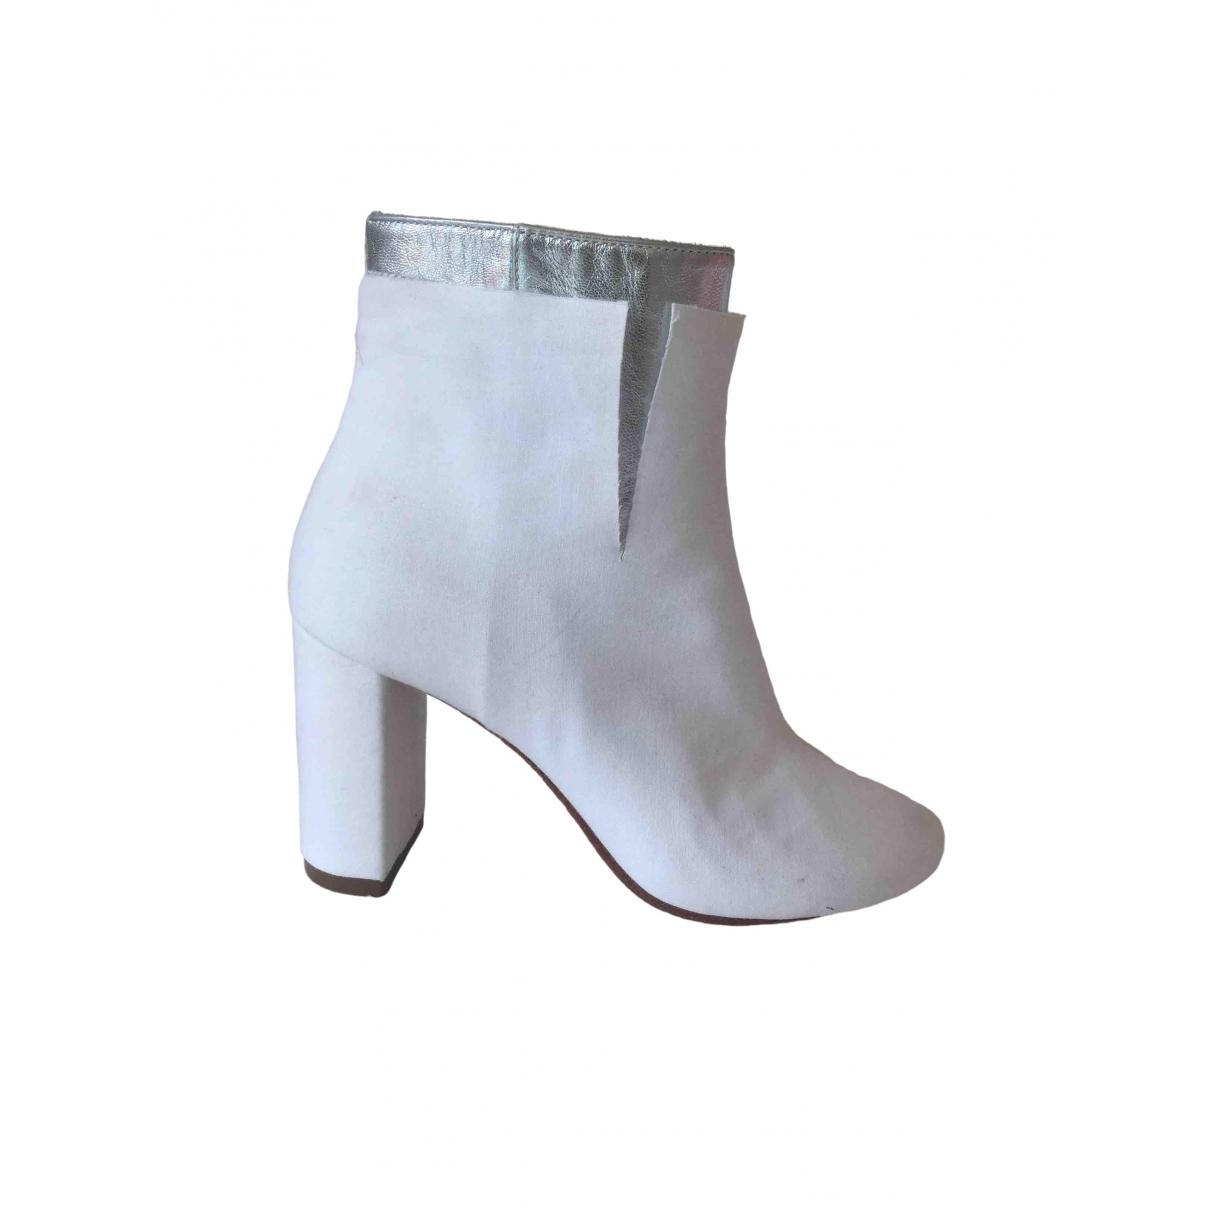 Mm6 - Boots   pour femme en cuir - blanc